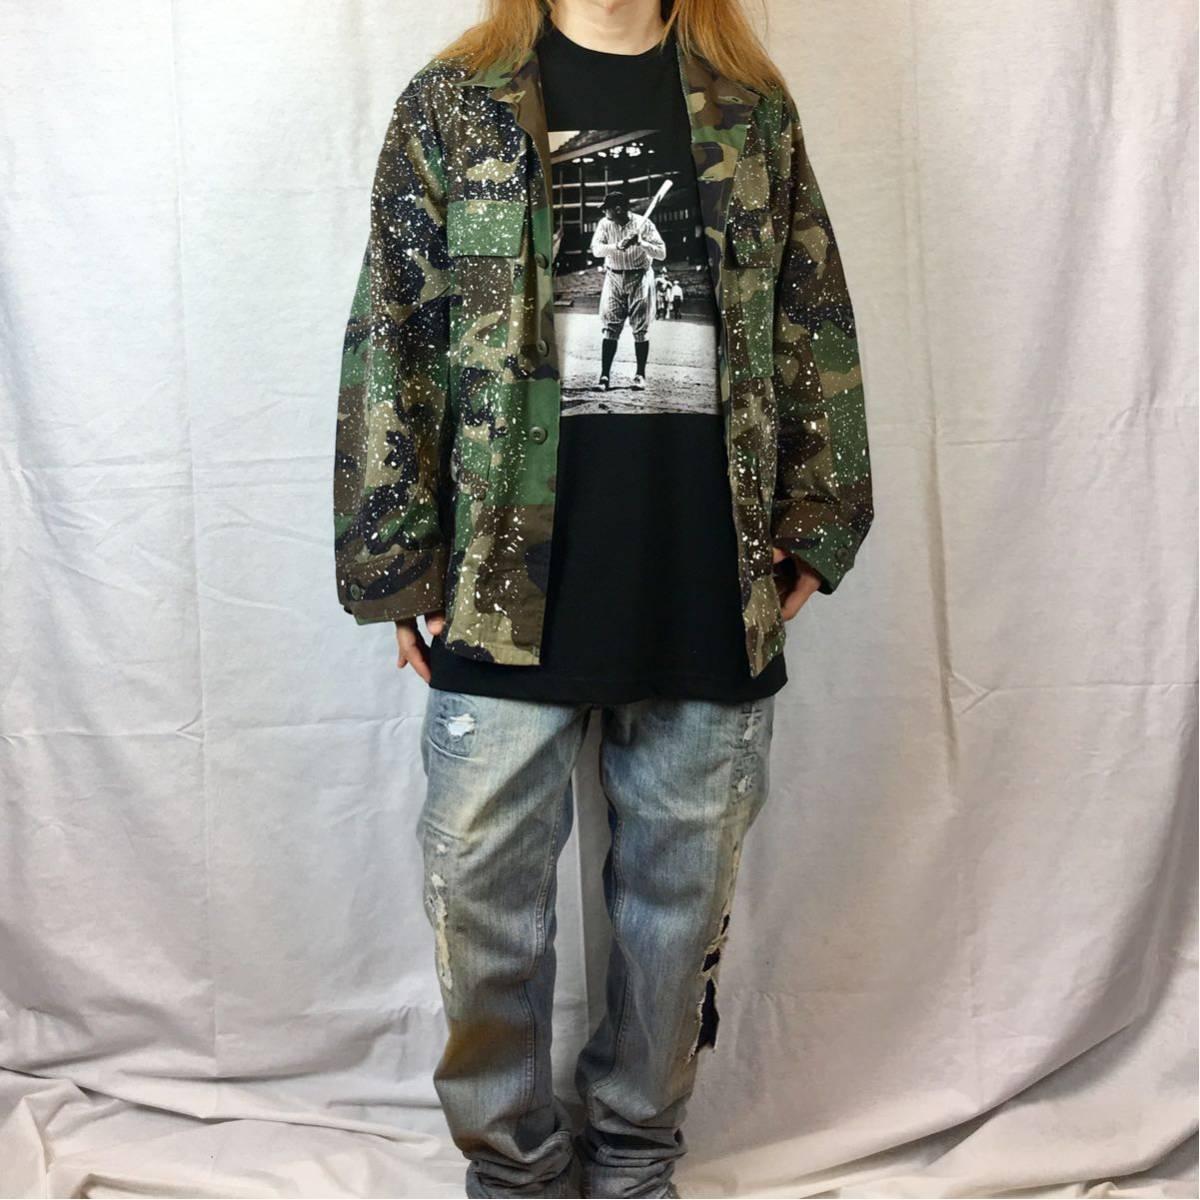 新品 大きい サイズ 専門 XXL~5XL ベーブルース ニューヨーク NY ヤンキース オーバー シルエット ビッグ 黒 Tシャツ ロンT 長袖 対応 OK_画像5